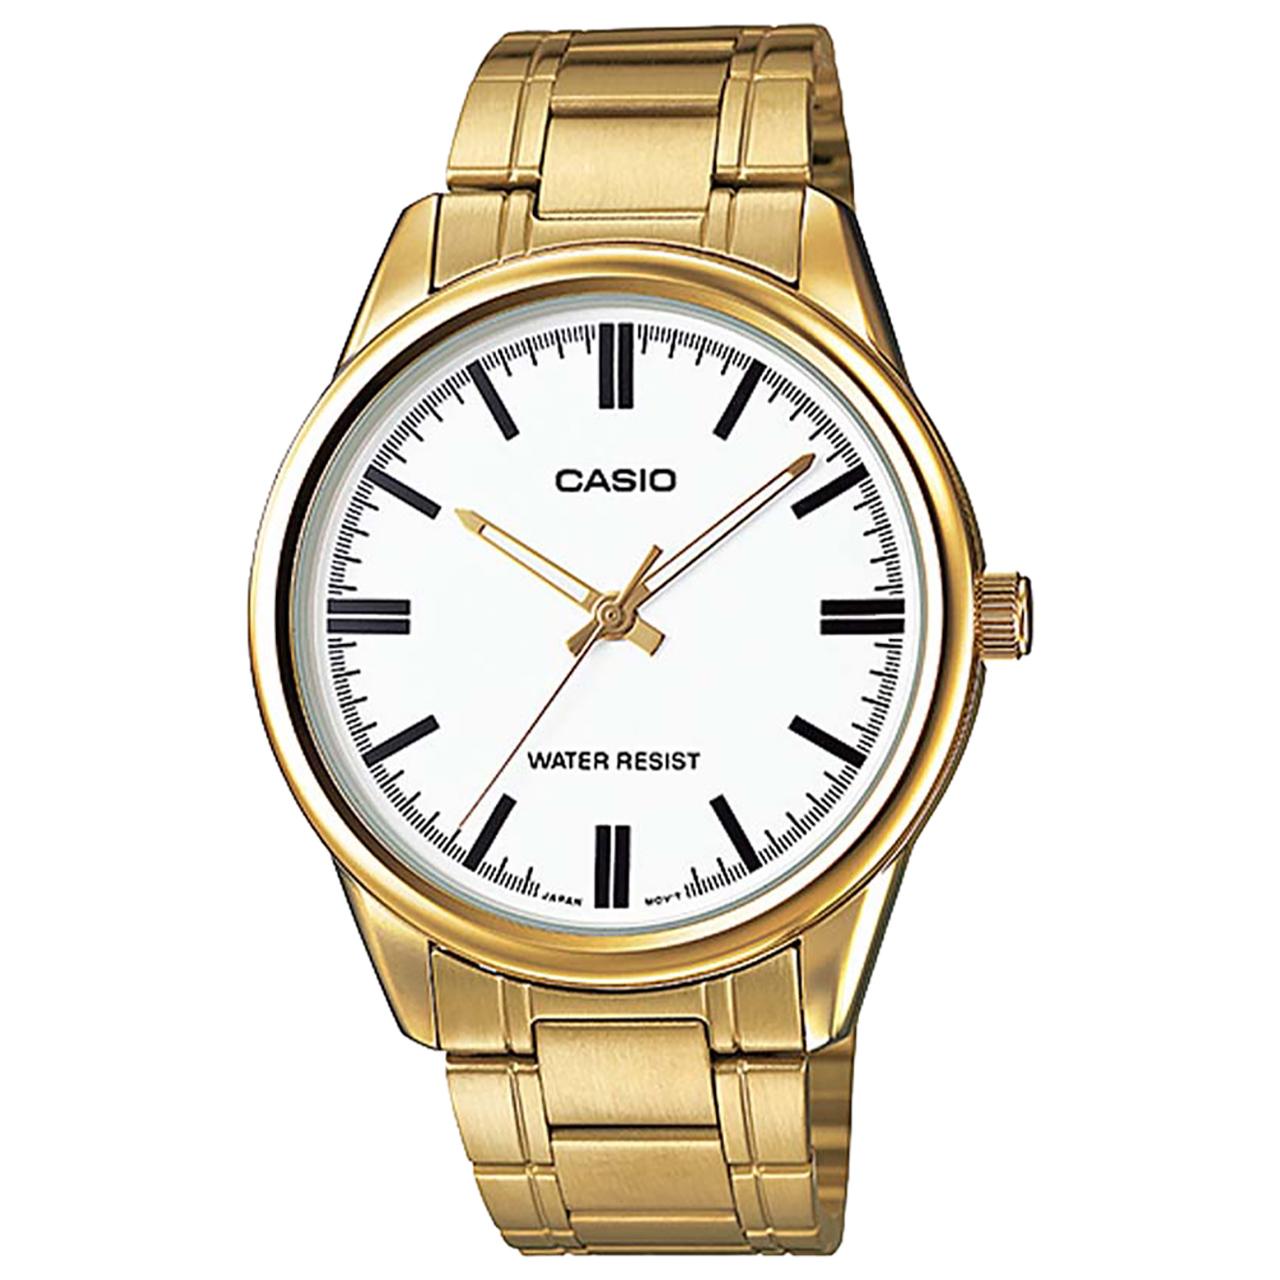 ساعت مچی عقربه ای مردانه کاسیو مدل MTP-V005G-7AUDF 20